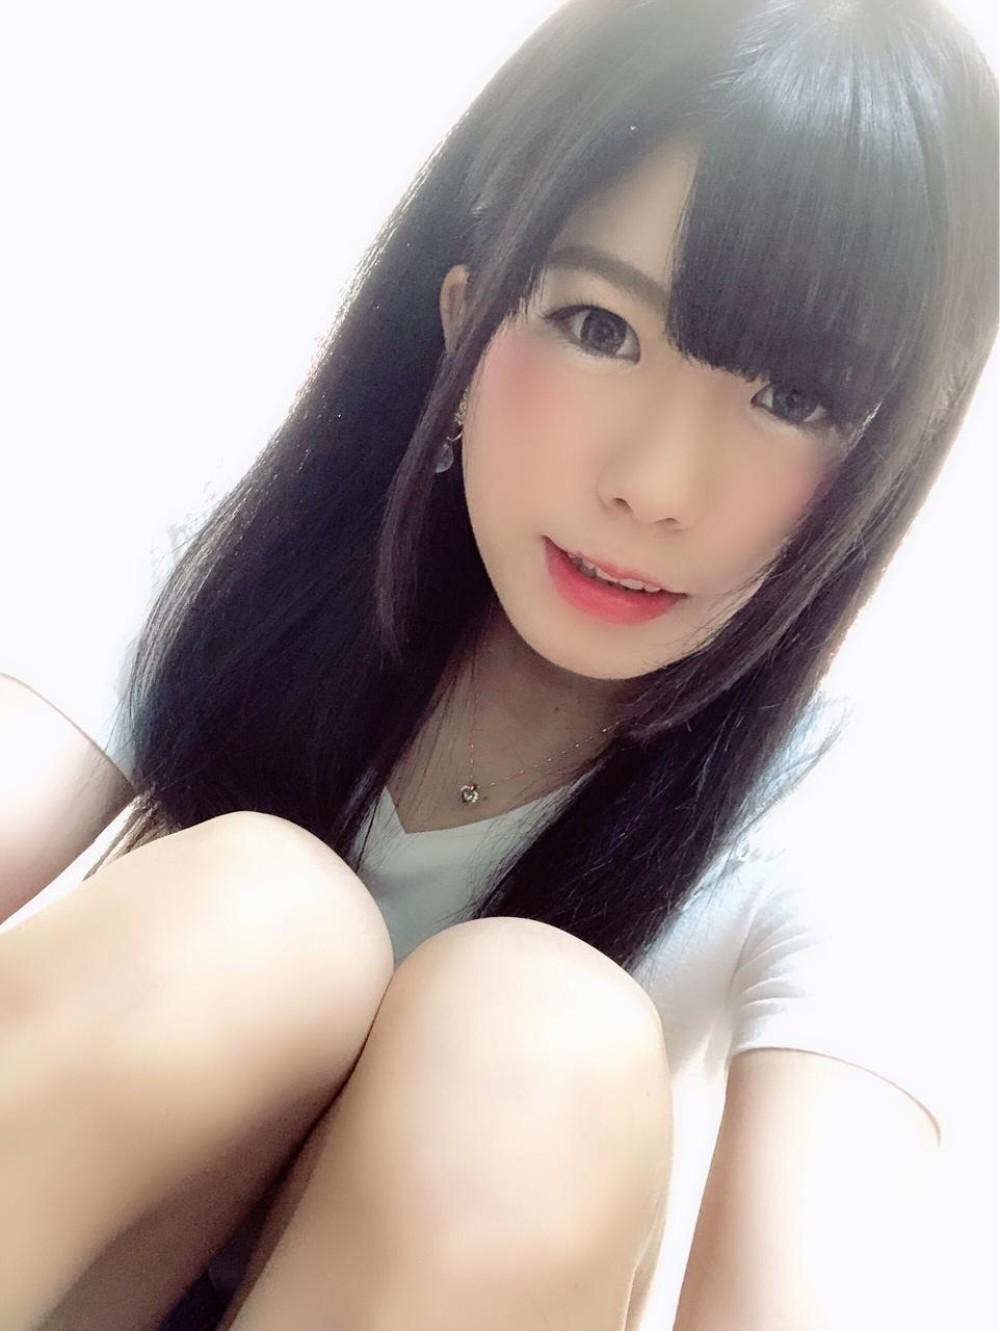 一ノ瀬愛梨(演歌女子ルピナス組 )